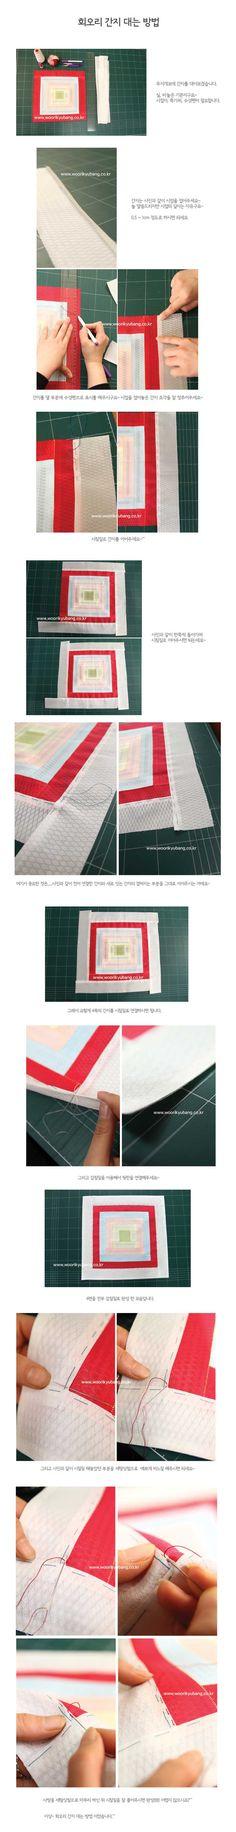 이웃님들 안녕하세요 오늘은요~생각보다? 많은 분들께서 궁금해하시는!!!!그래서 쪽찌로 문의를 꽤... Types Of Craft, Korean Traditional, Fabric Squares, Boro, Sewing Hacks, Quilt Blocks, Hand Sewing, Korean Fashion, Needlework